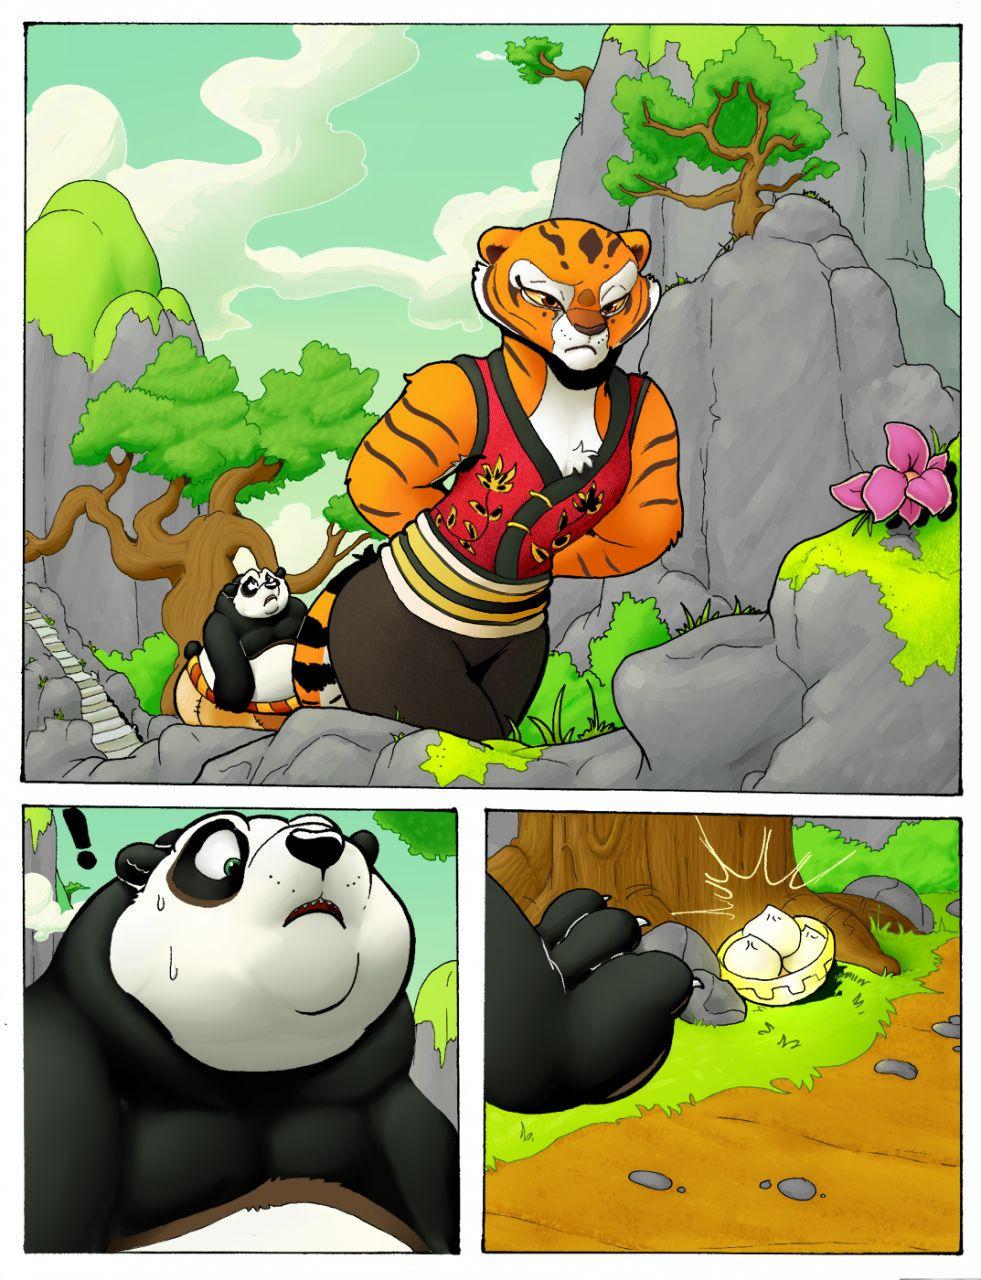 Porn Comics - Dumpling Plumpling- Kung fu Panda porn comics 8 muses